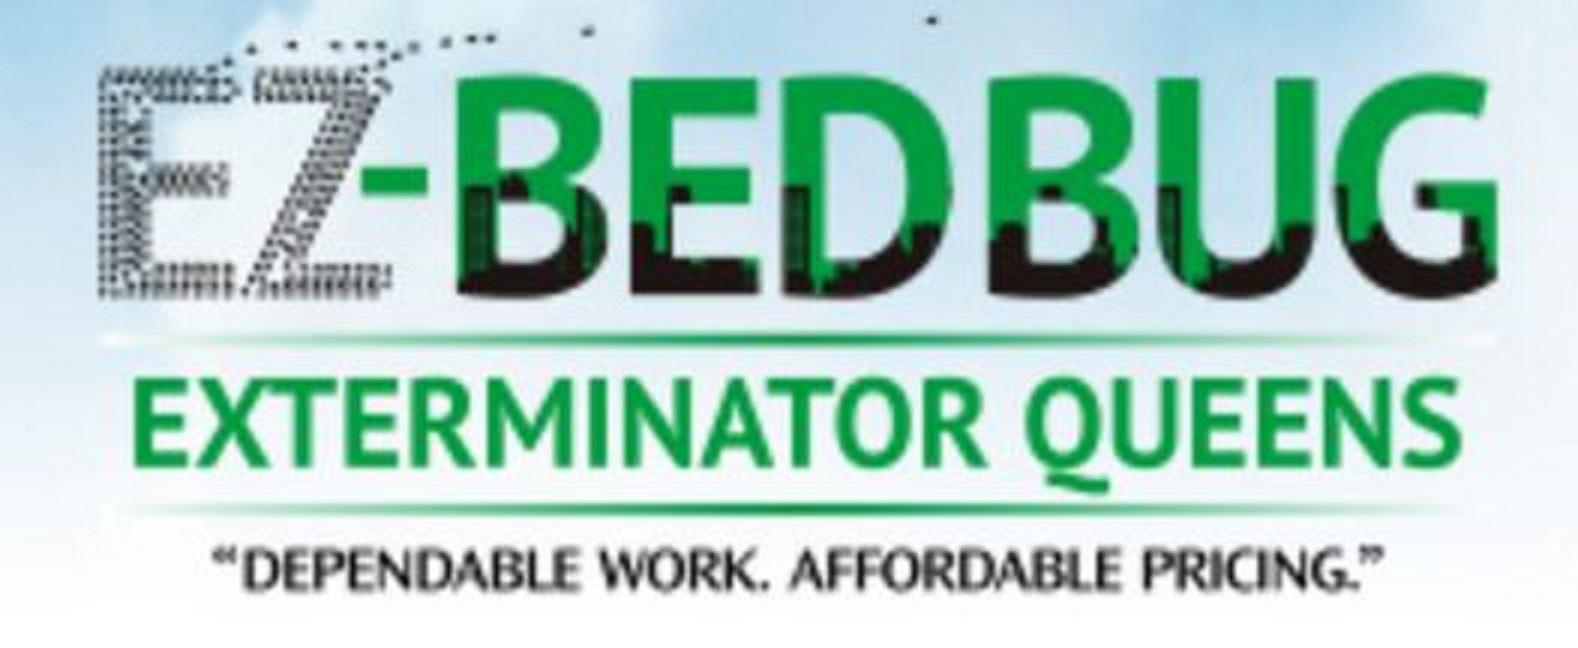 EZ Bed Bug Exterminator Queens